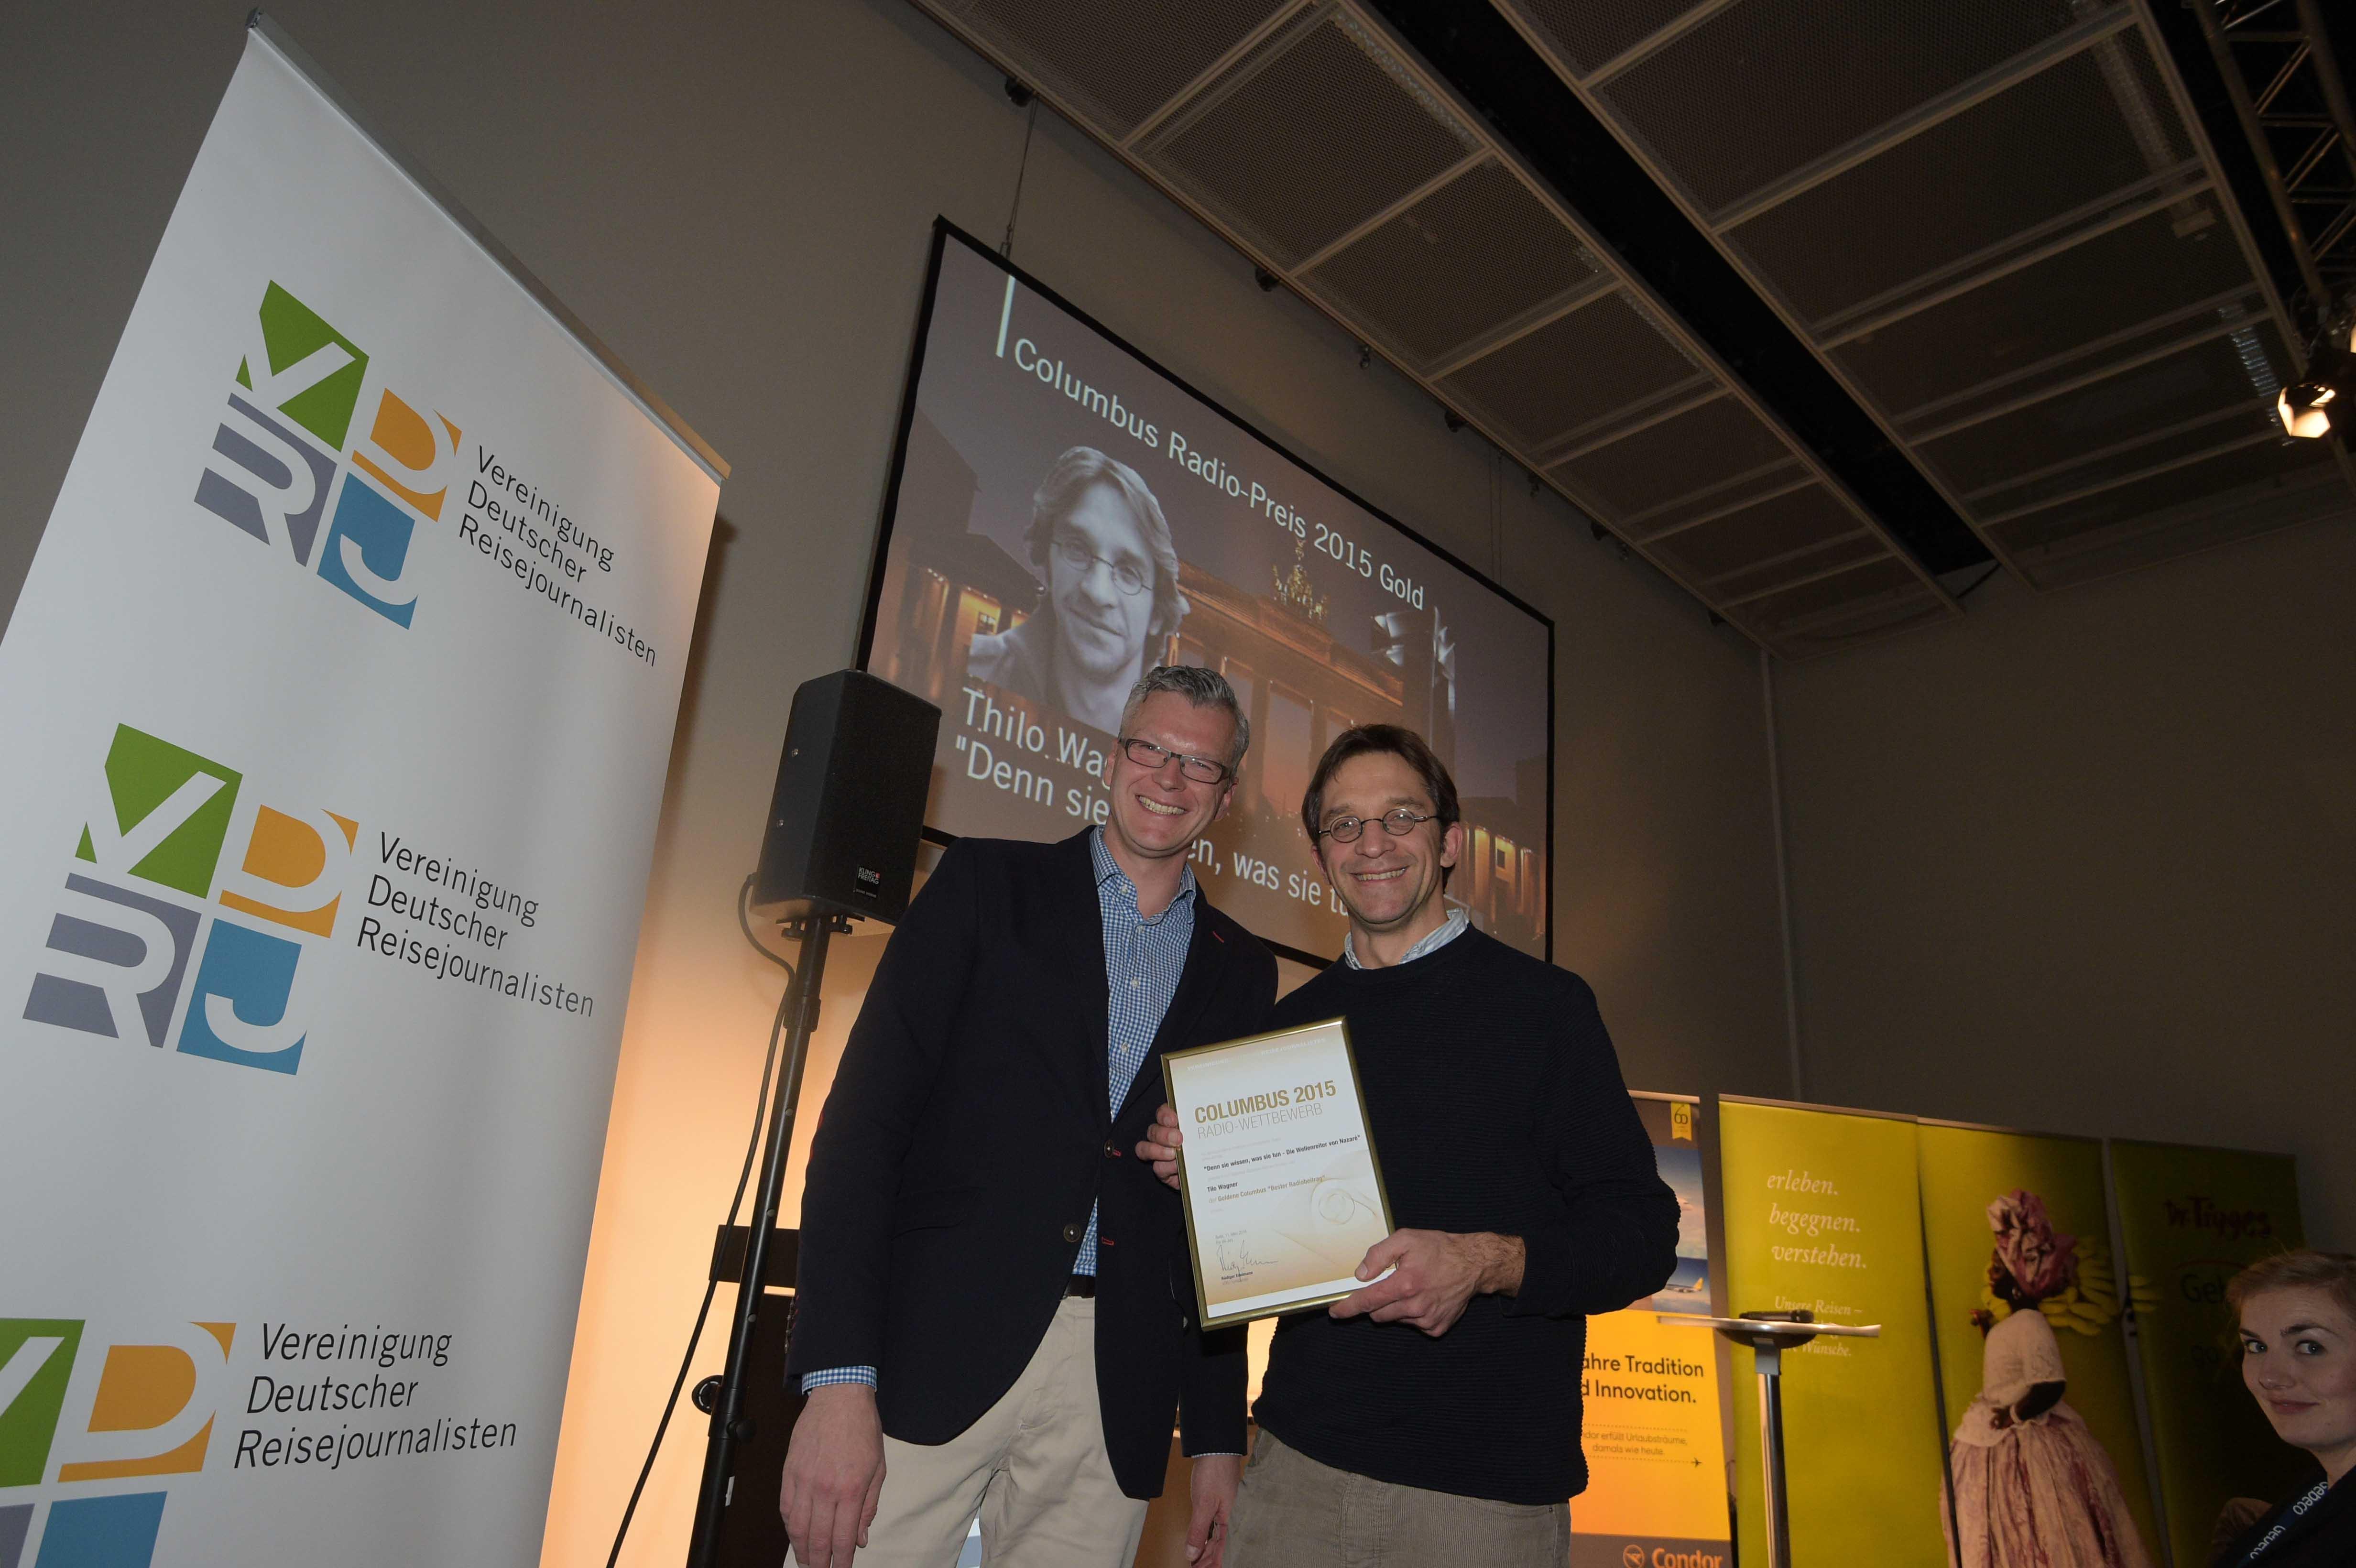 Columbus Radiopreis  2015 Gold Gold Tilo Wagner Holger Wetzel